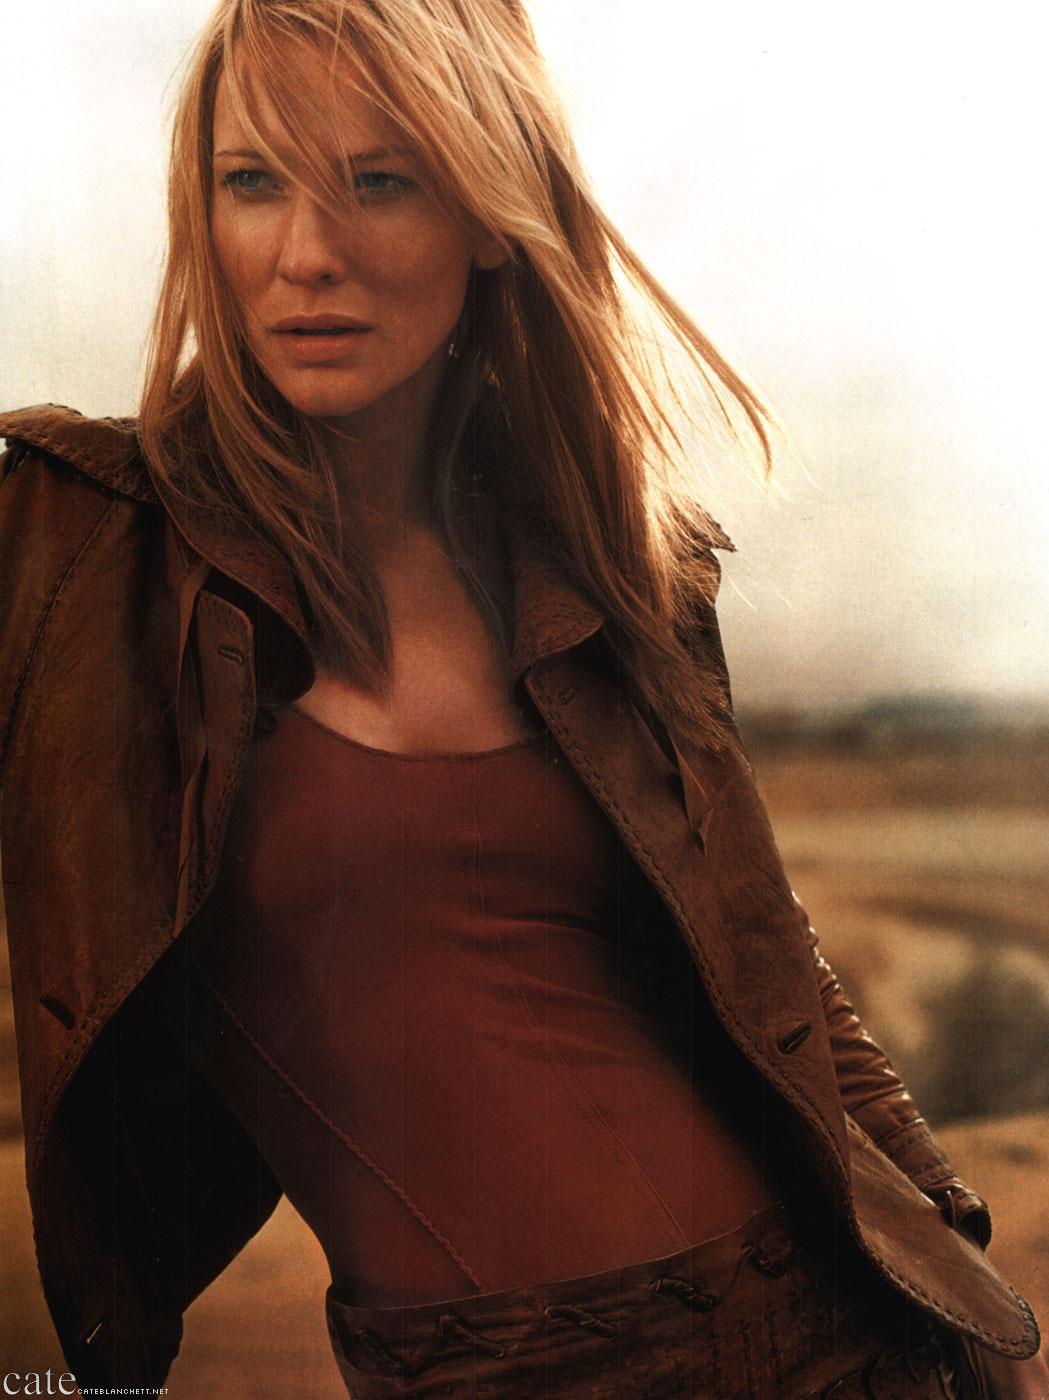 Cate Blanchett photo 18 of 1610 pics, wallpaper - photo ... Cate Blanchett